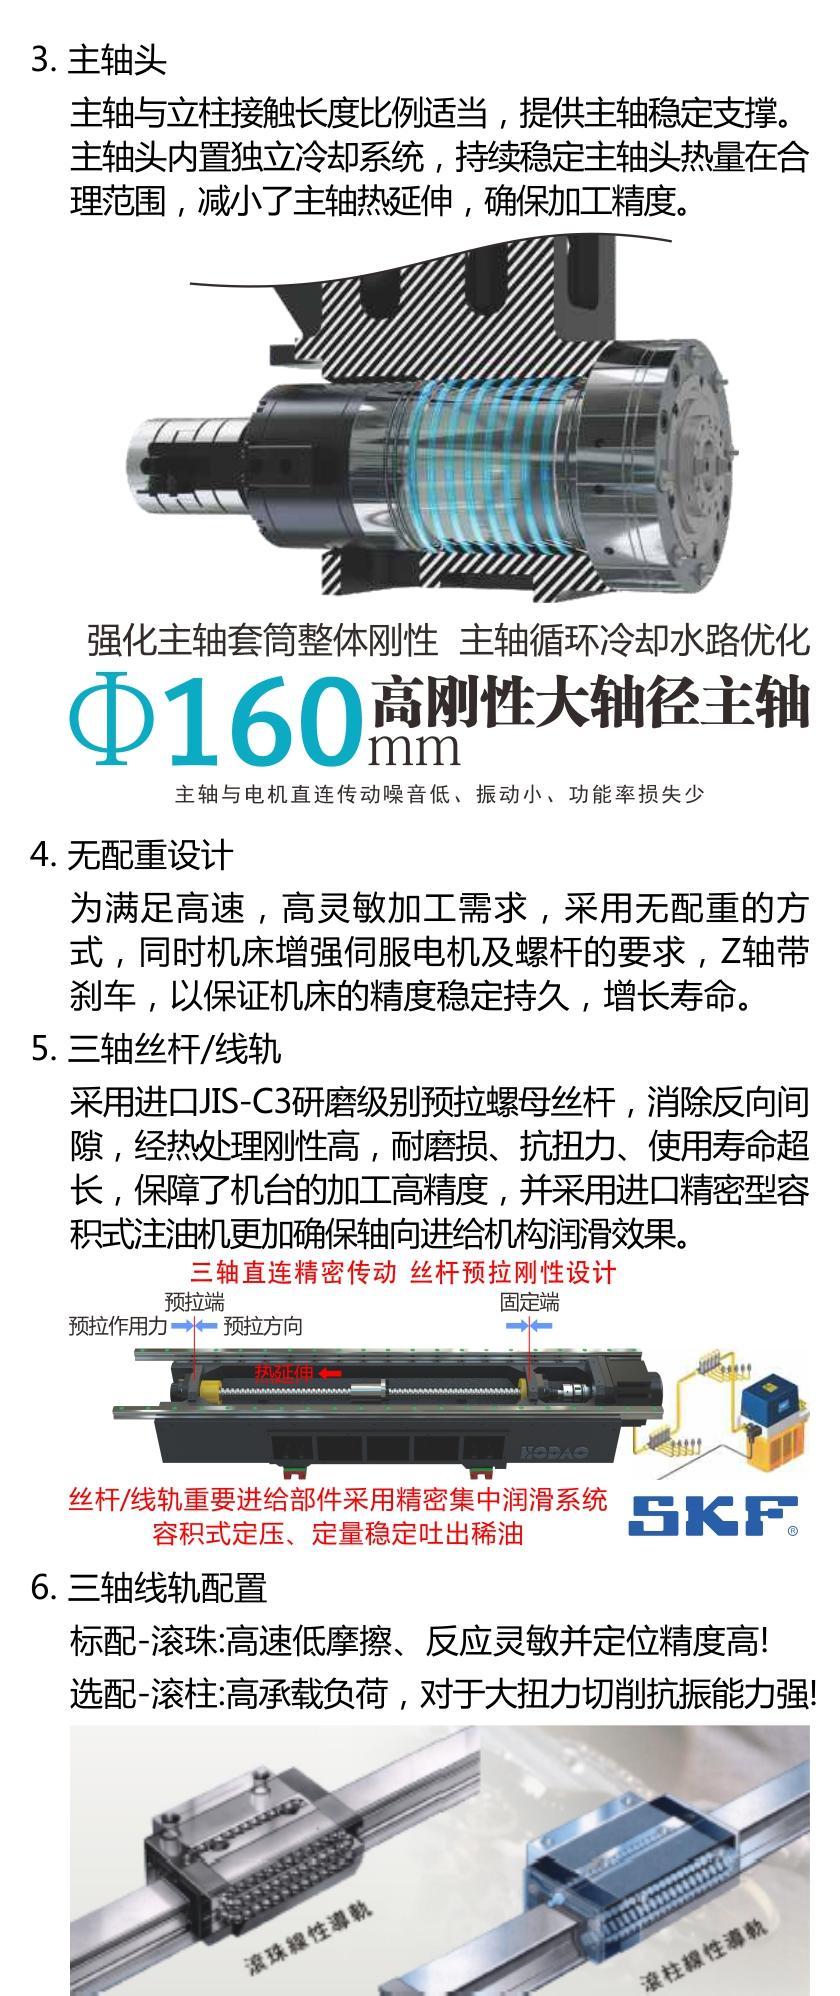 HD-V96F 高刚性三轴线轨立加